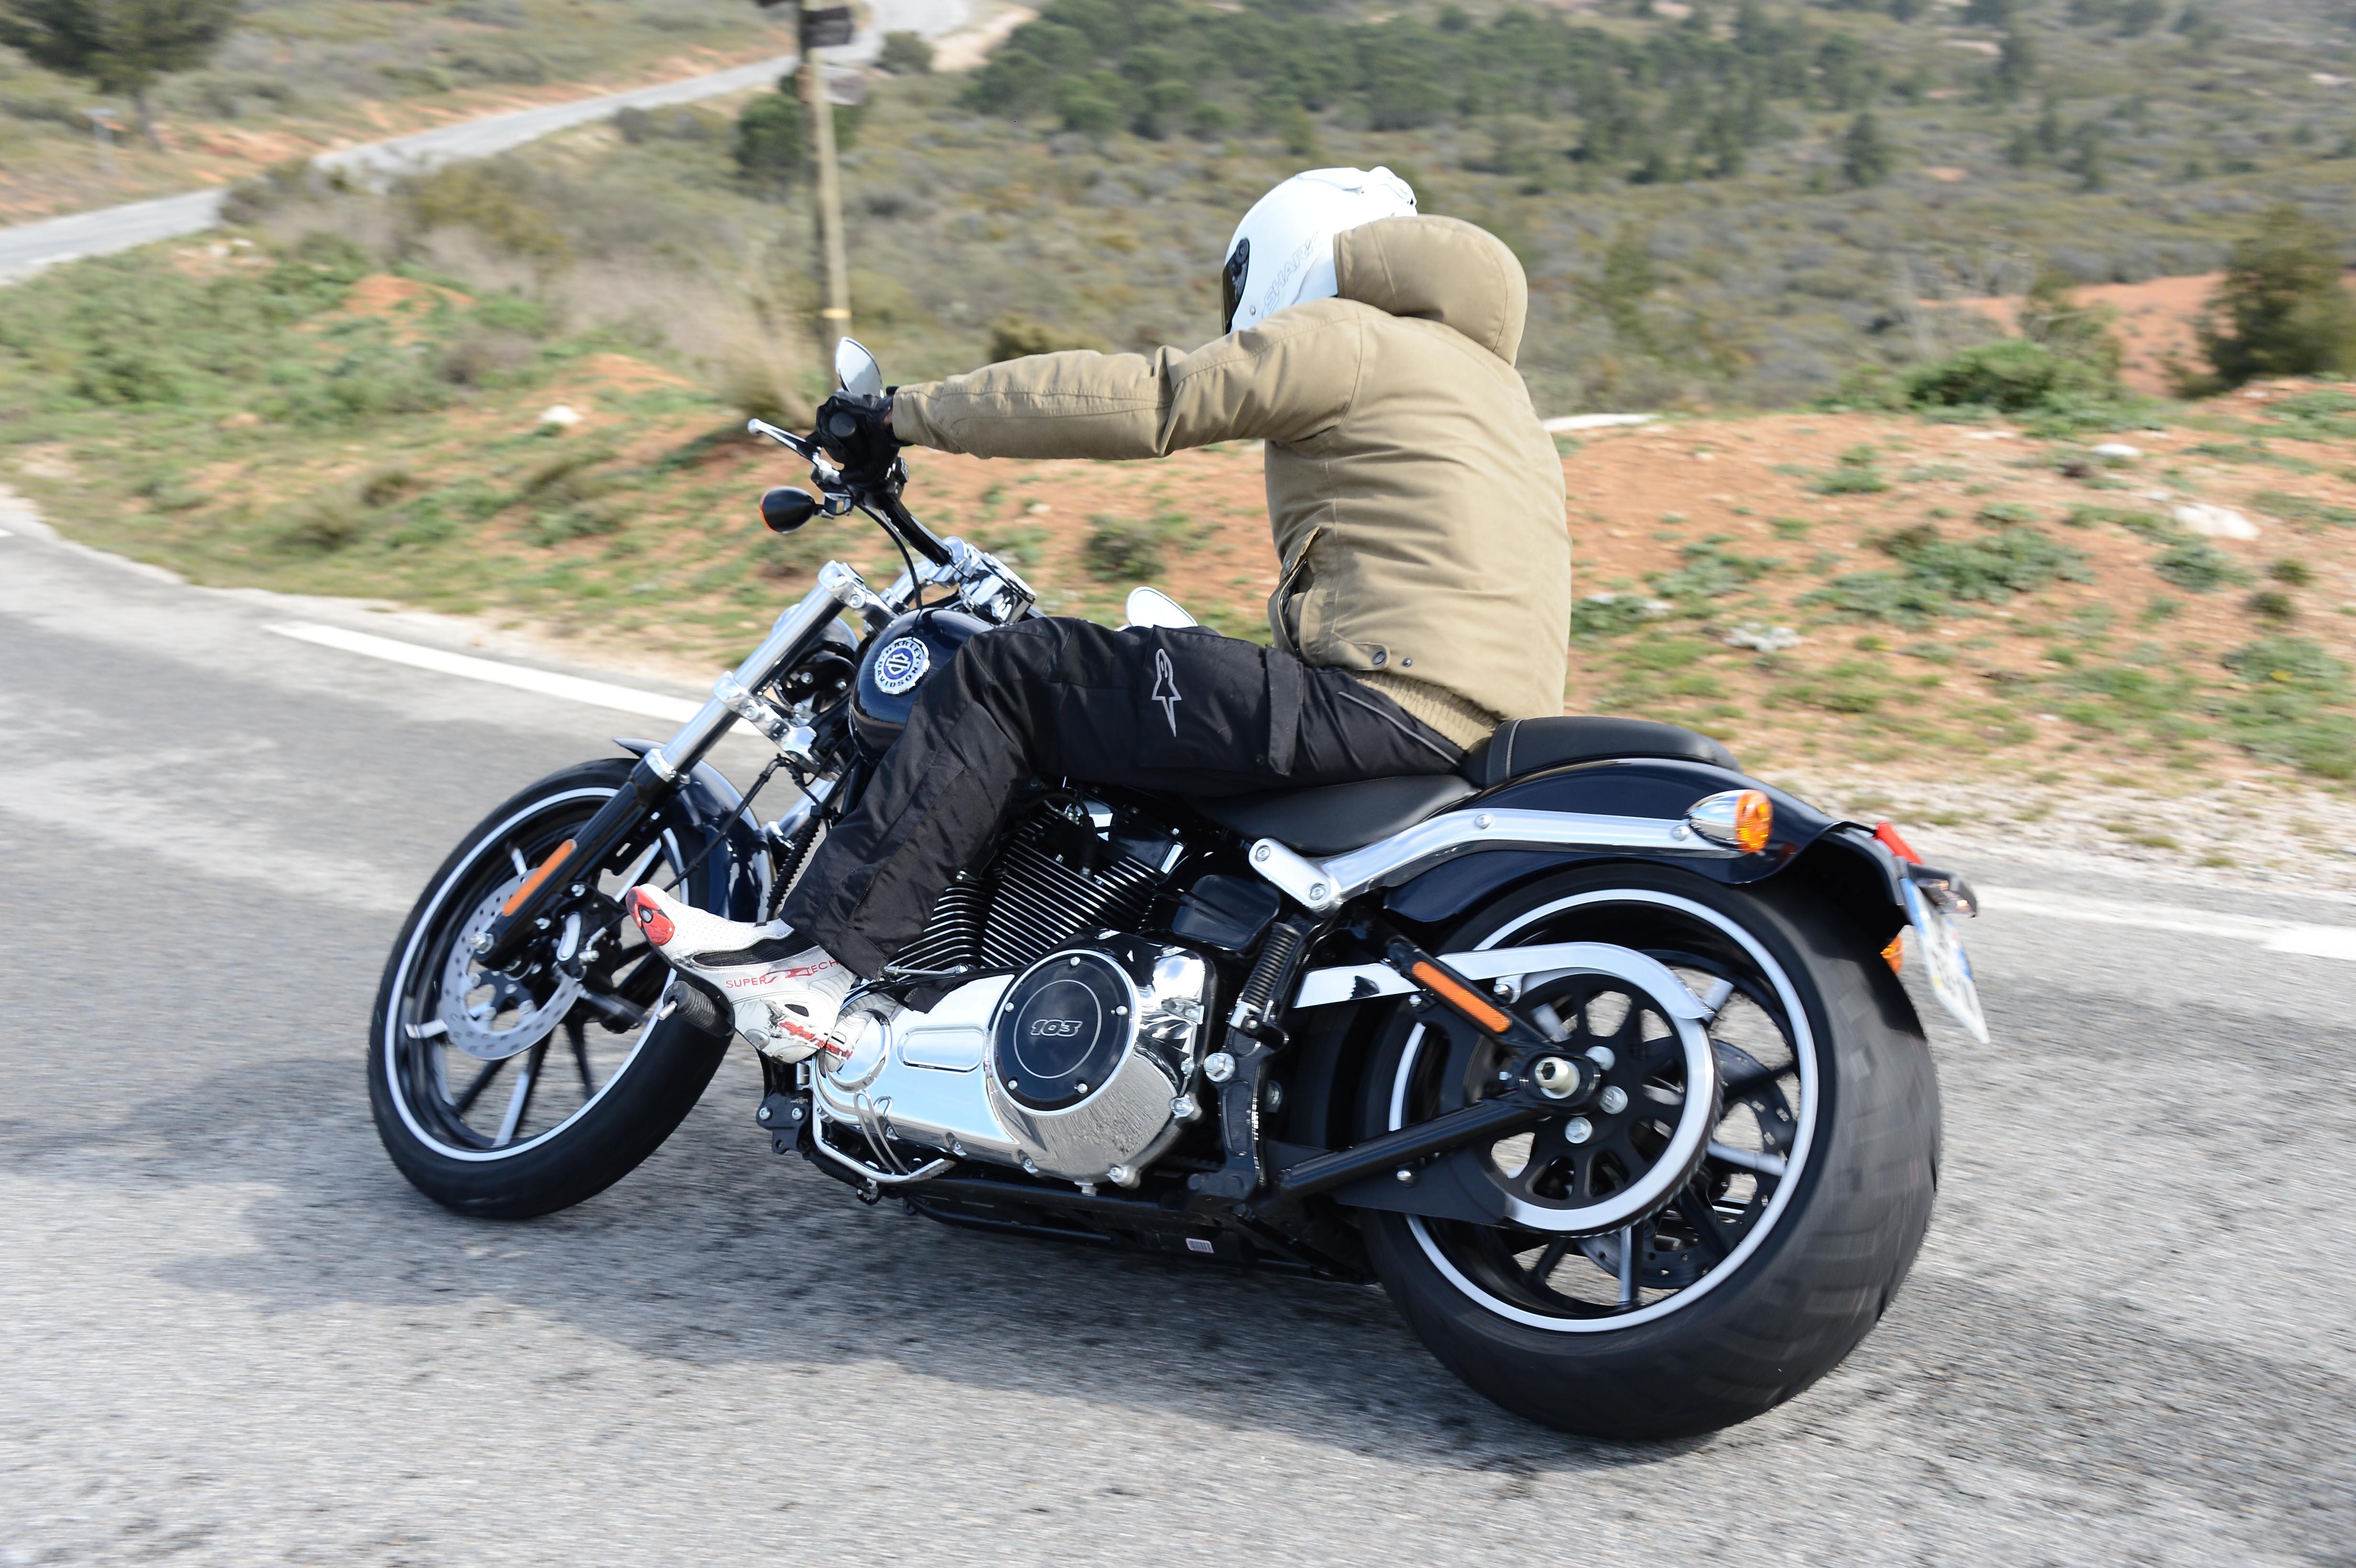 Top 10 Lowest Motorcycle Seat Heights Visordown